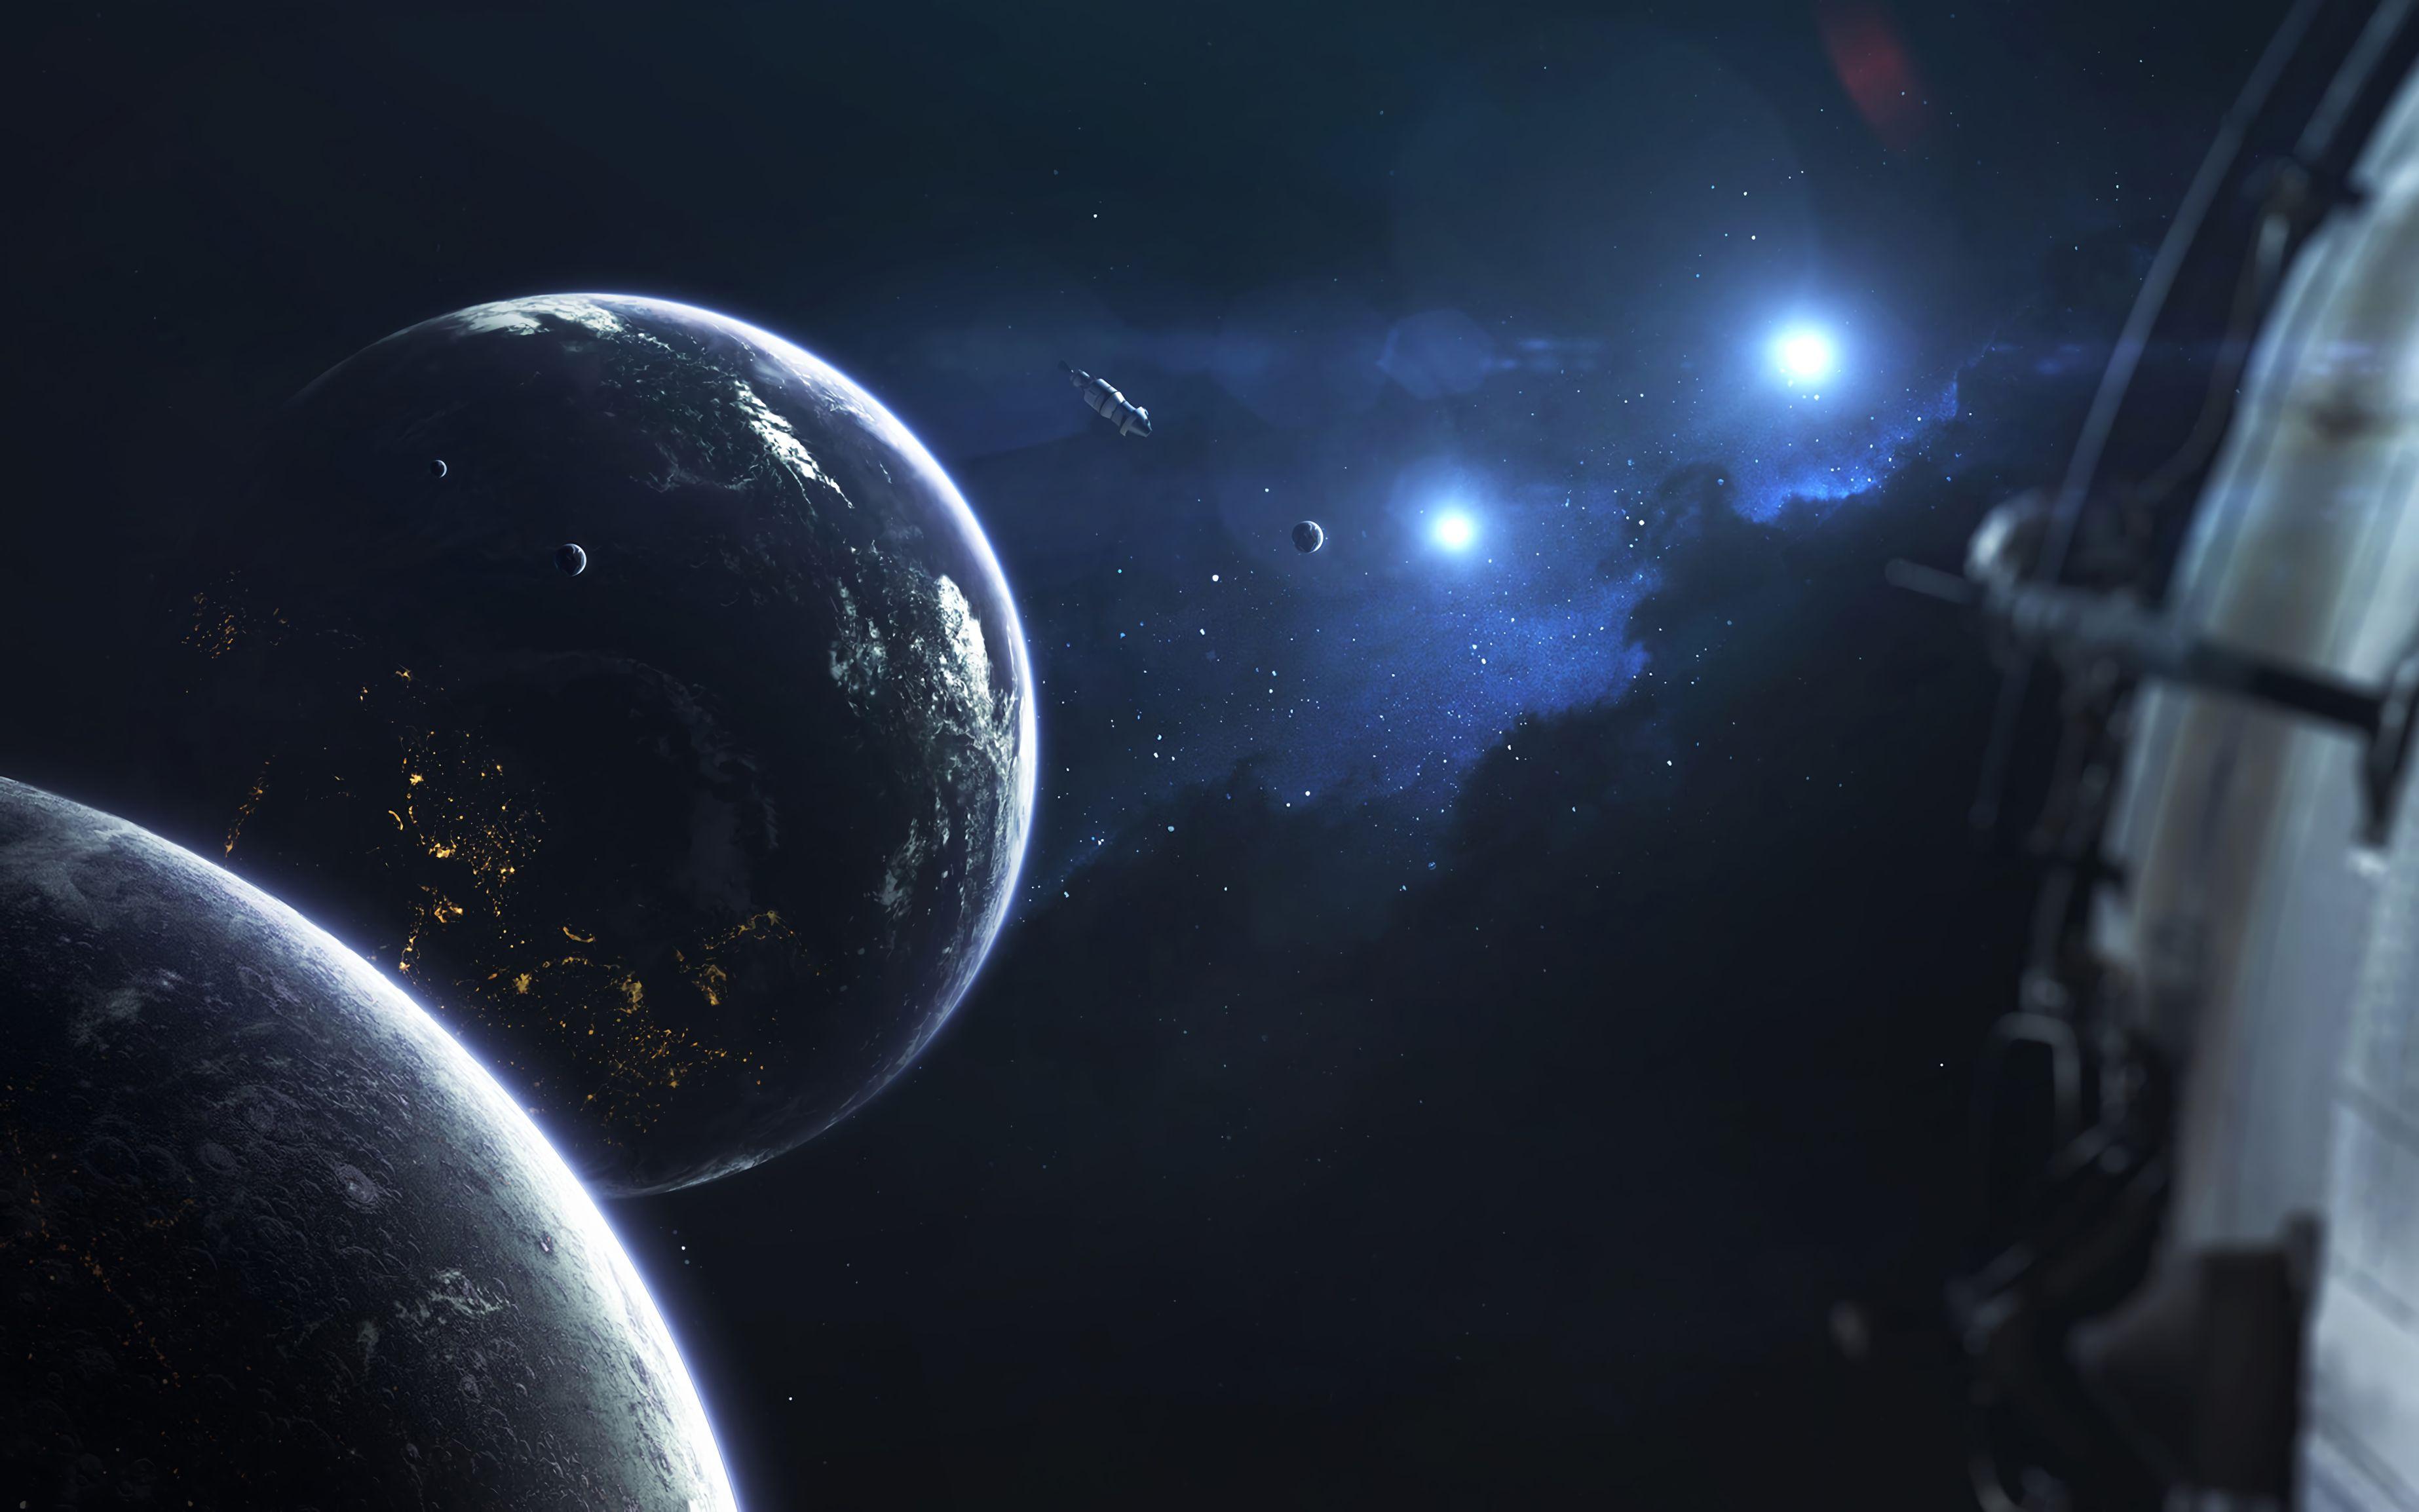 142745 обои 2160x3840 на телефон бесплатно, скачать картинки Планеты, Космос, Орбита, Спутник 2160x3840 на мобильный